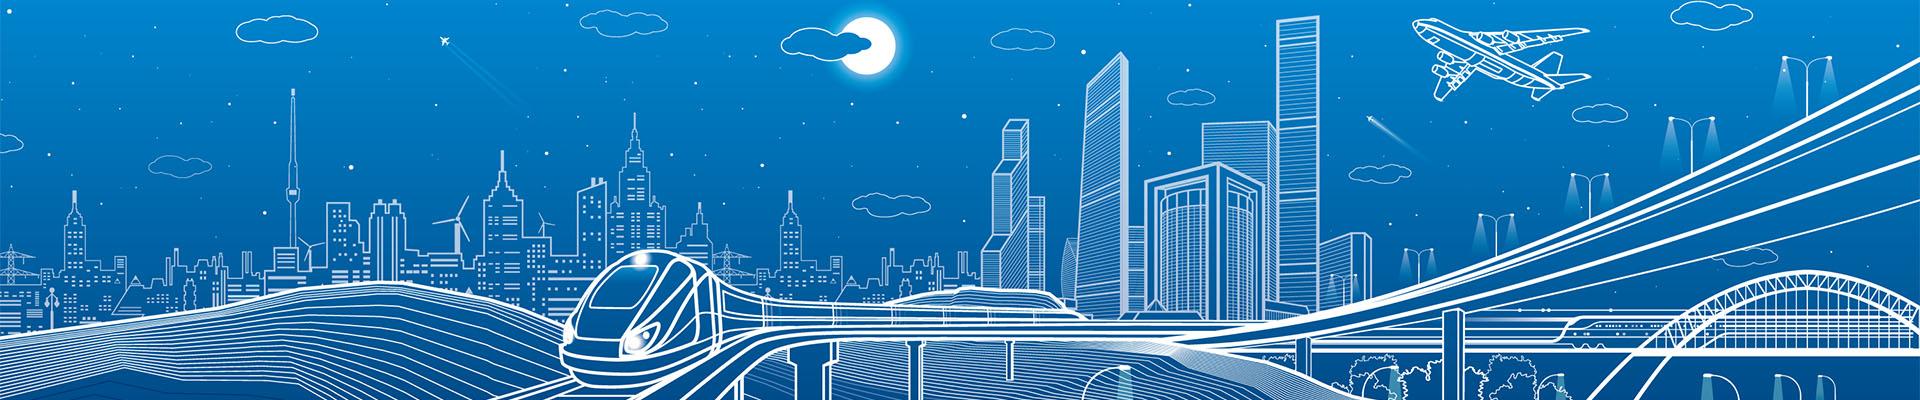 市政交通工程